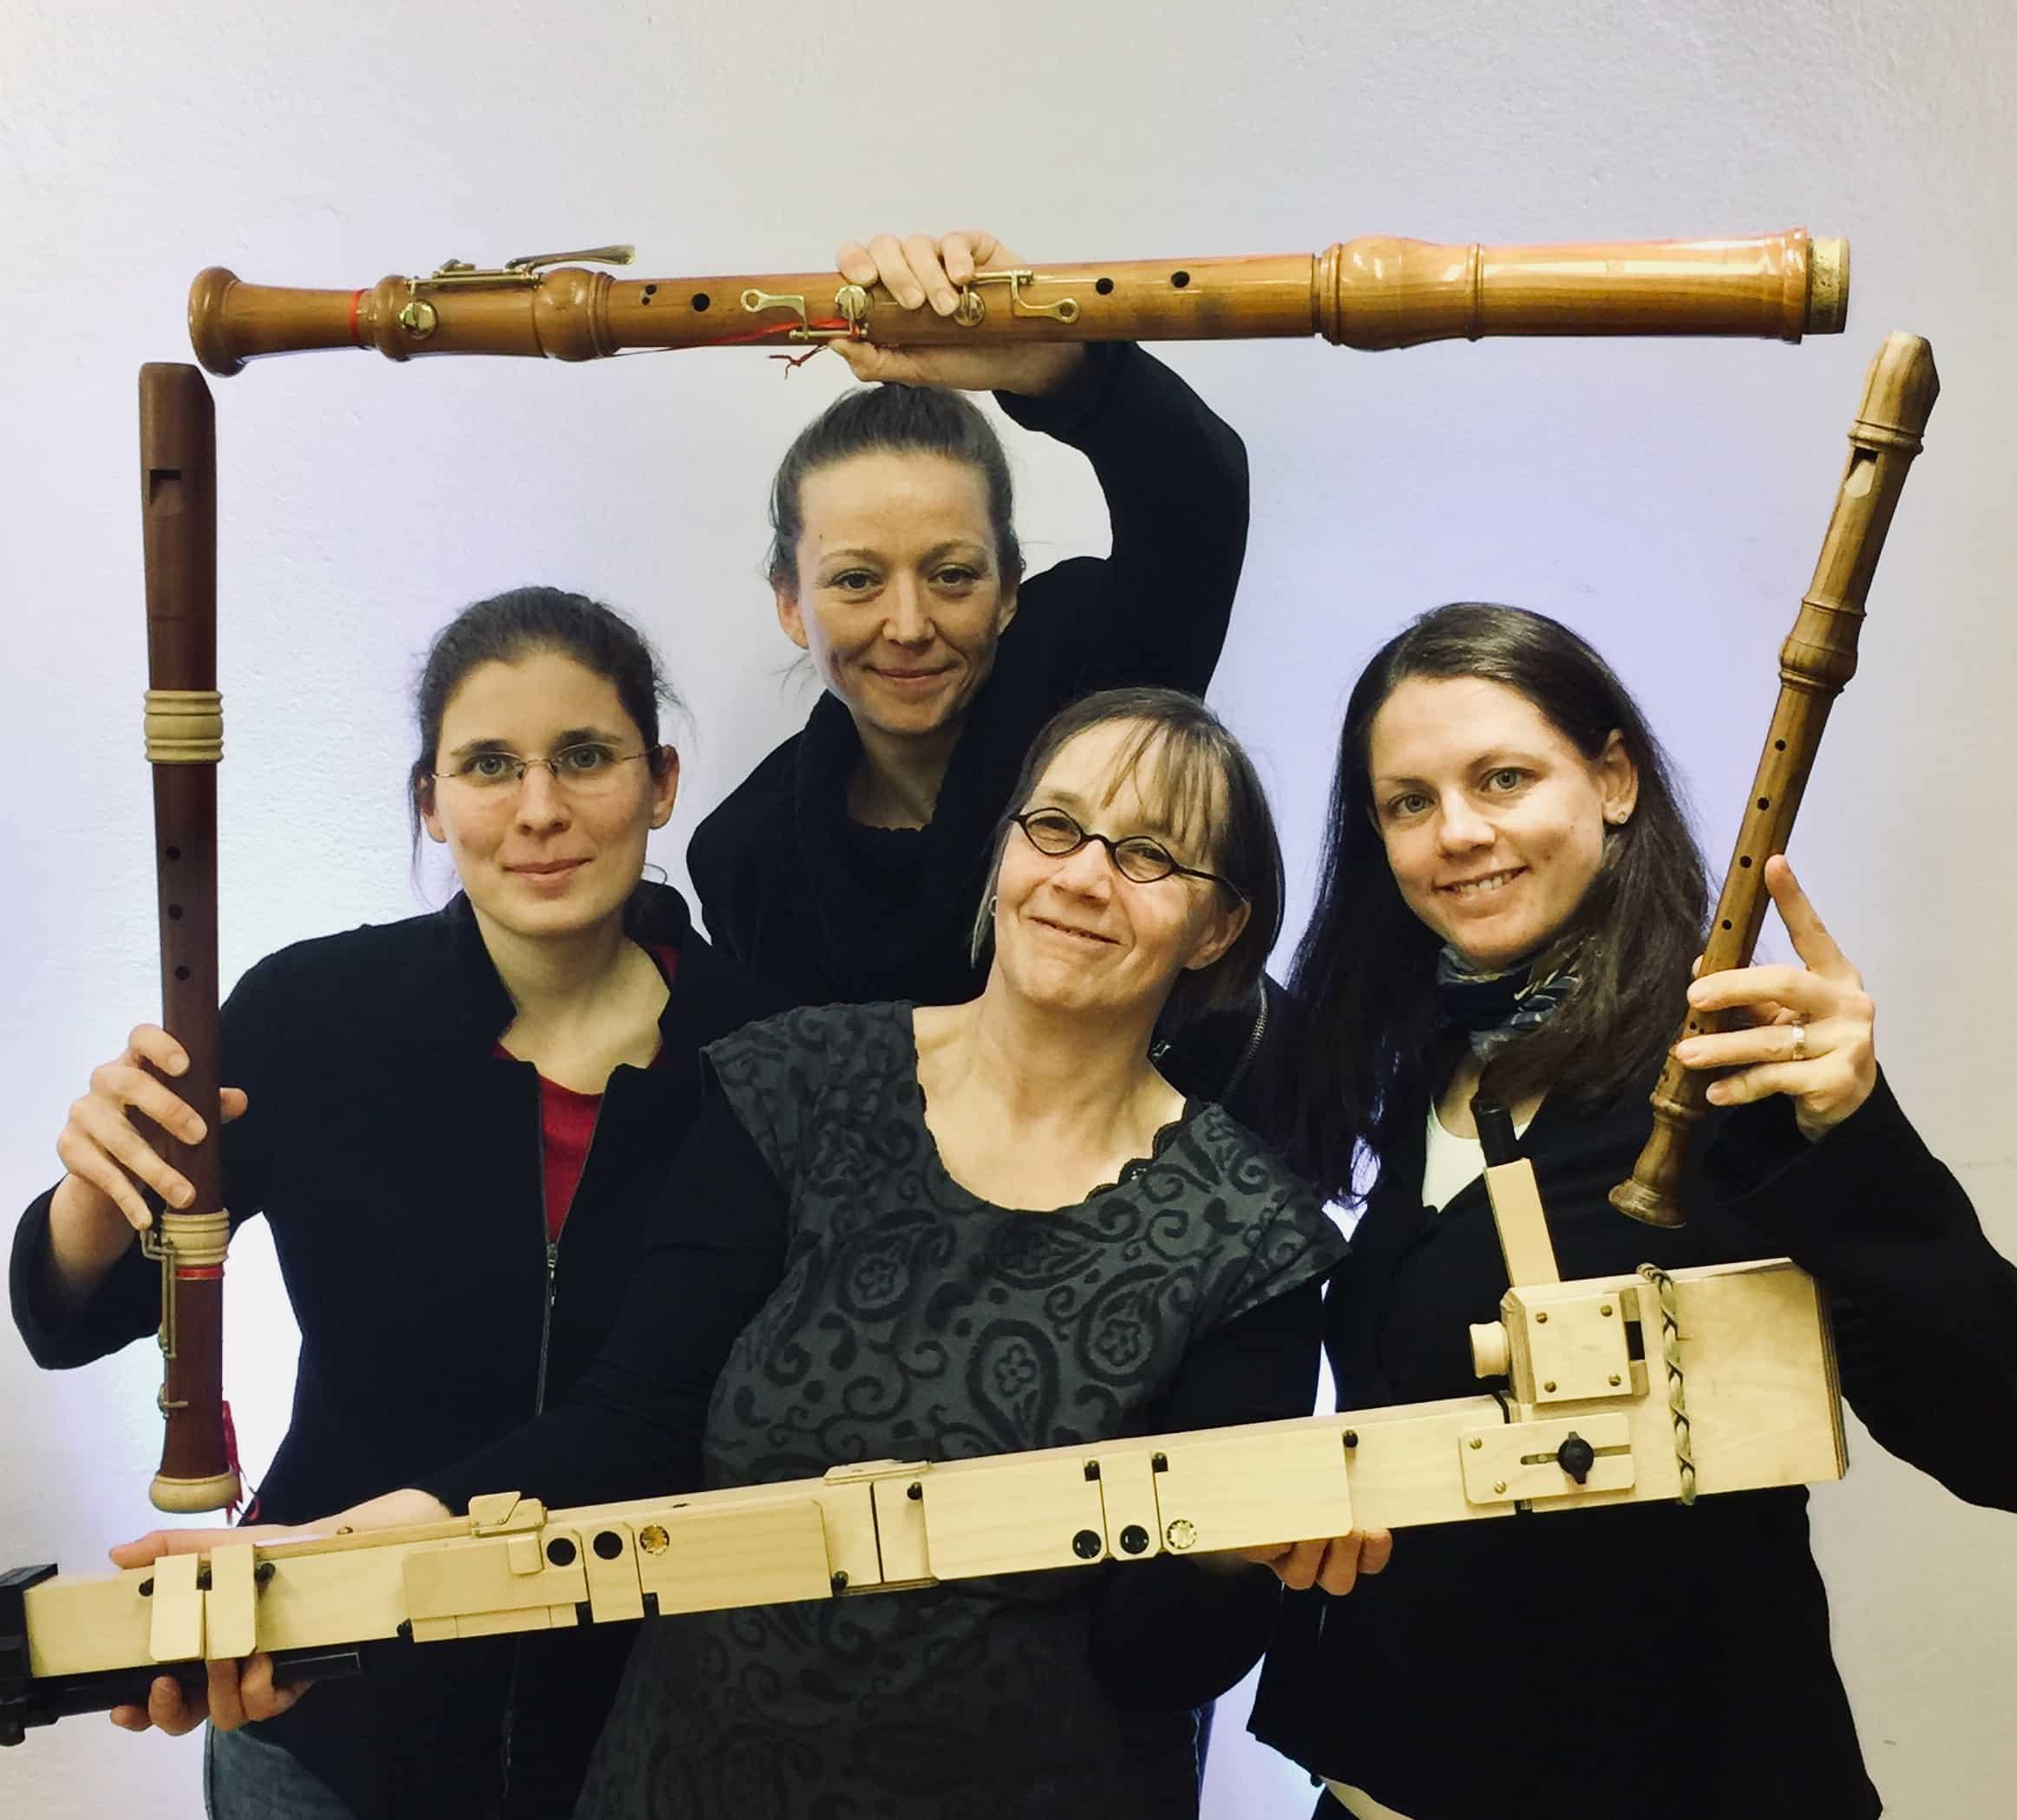 Vier Blockflötenspielerinnen schauen fröhlich durch einen Bilderrahmen aus blockflöten